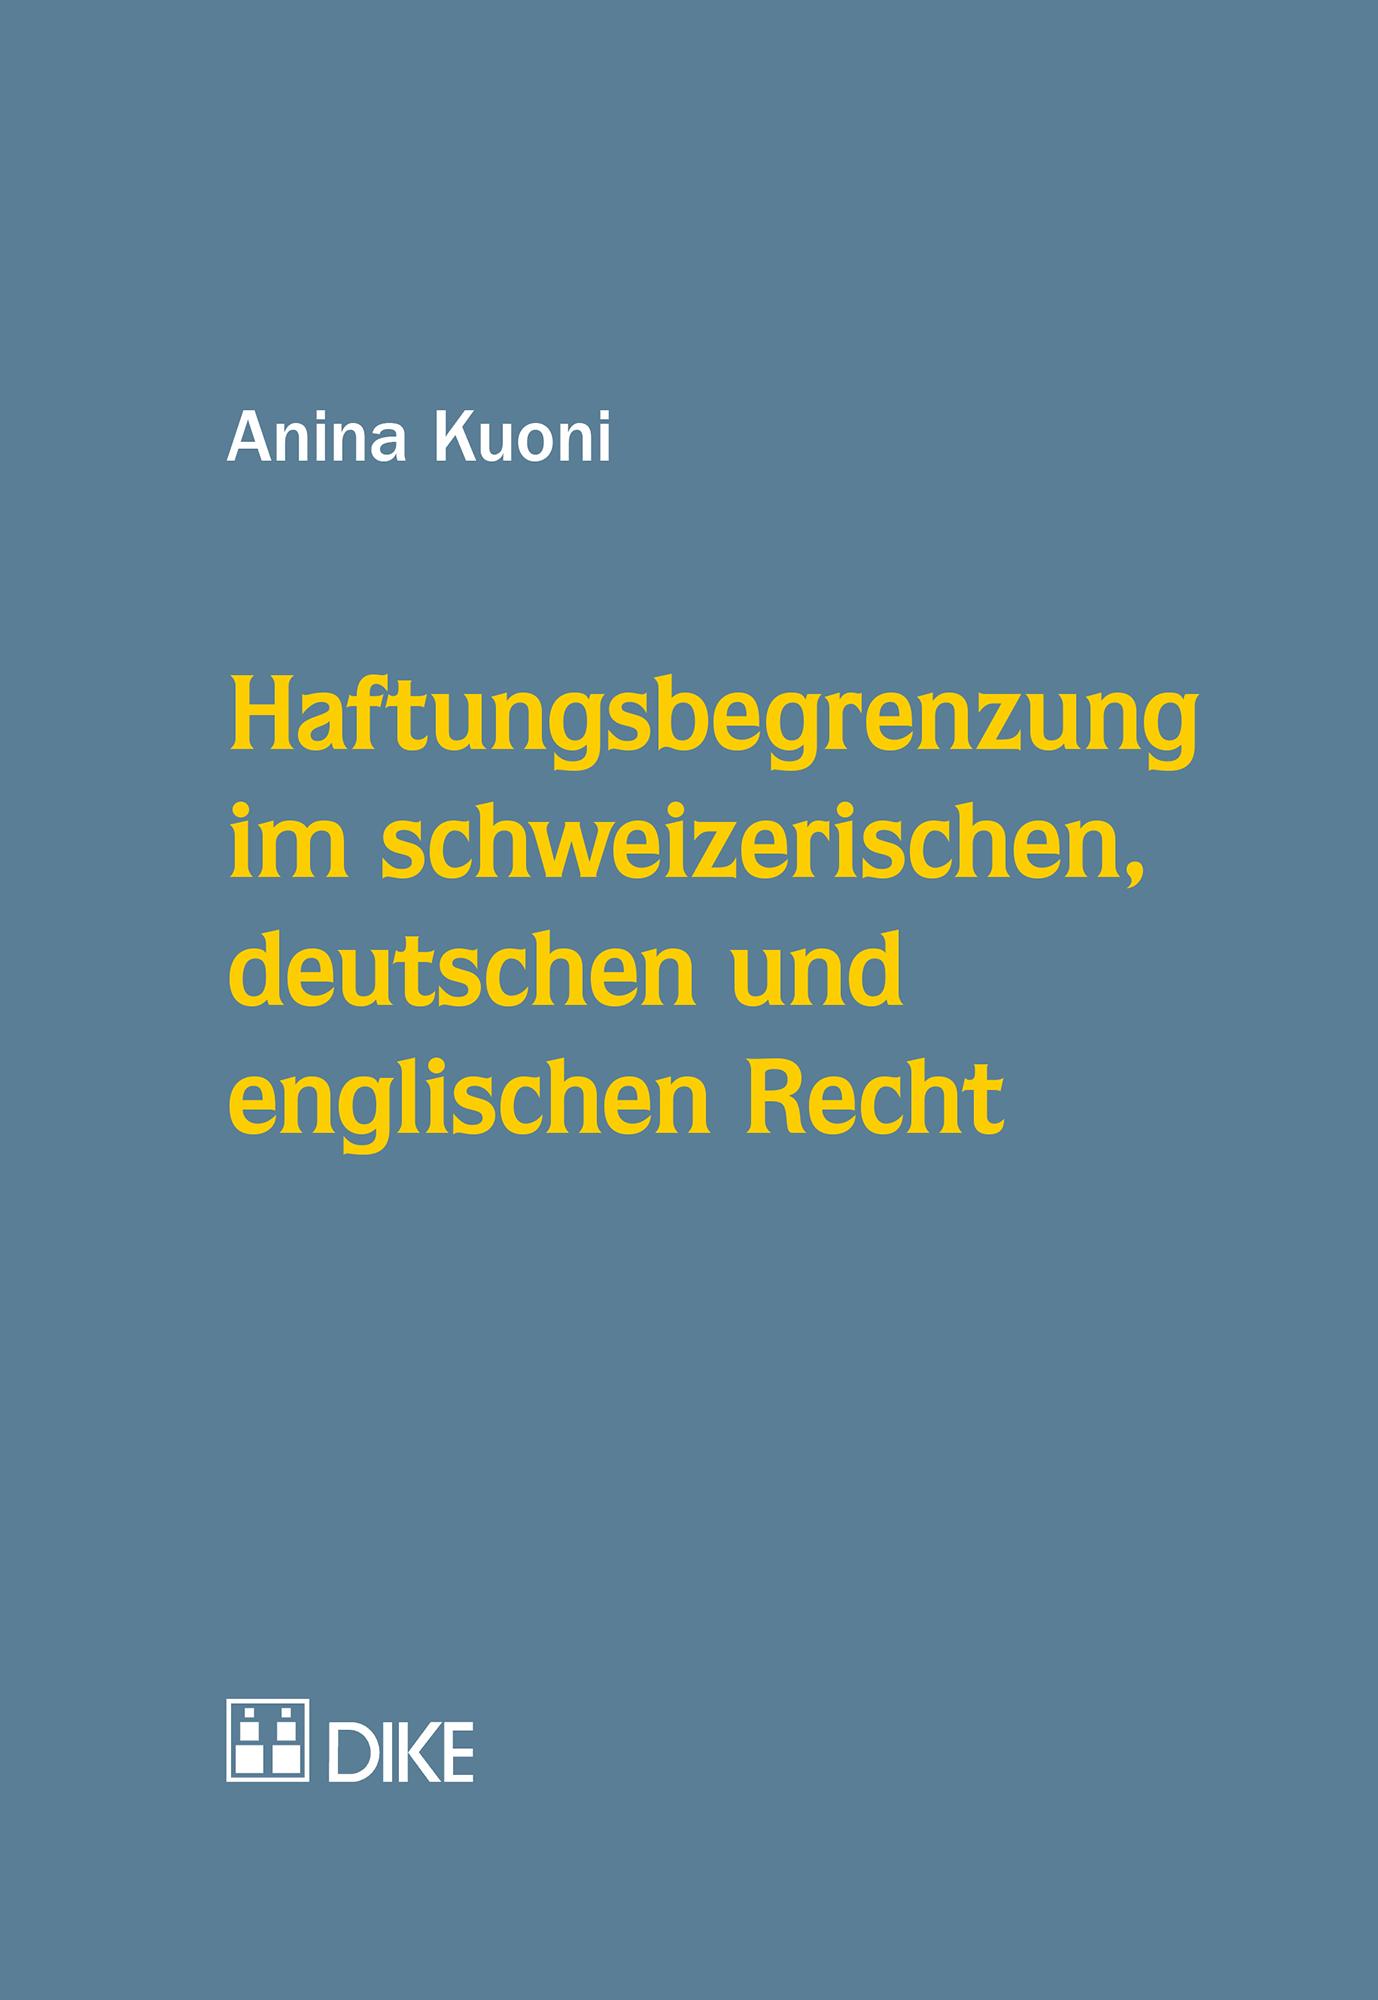 Haftungsbegrenzung im schweizerischen, deutschen und englischen Recht